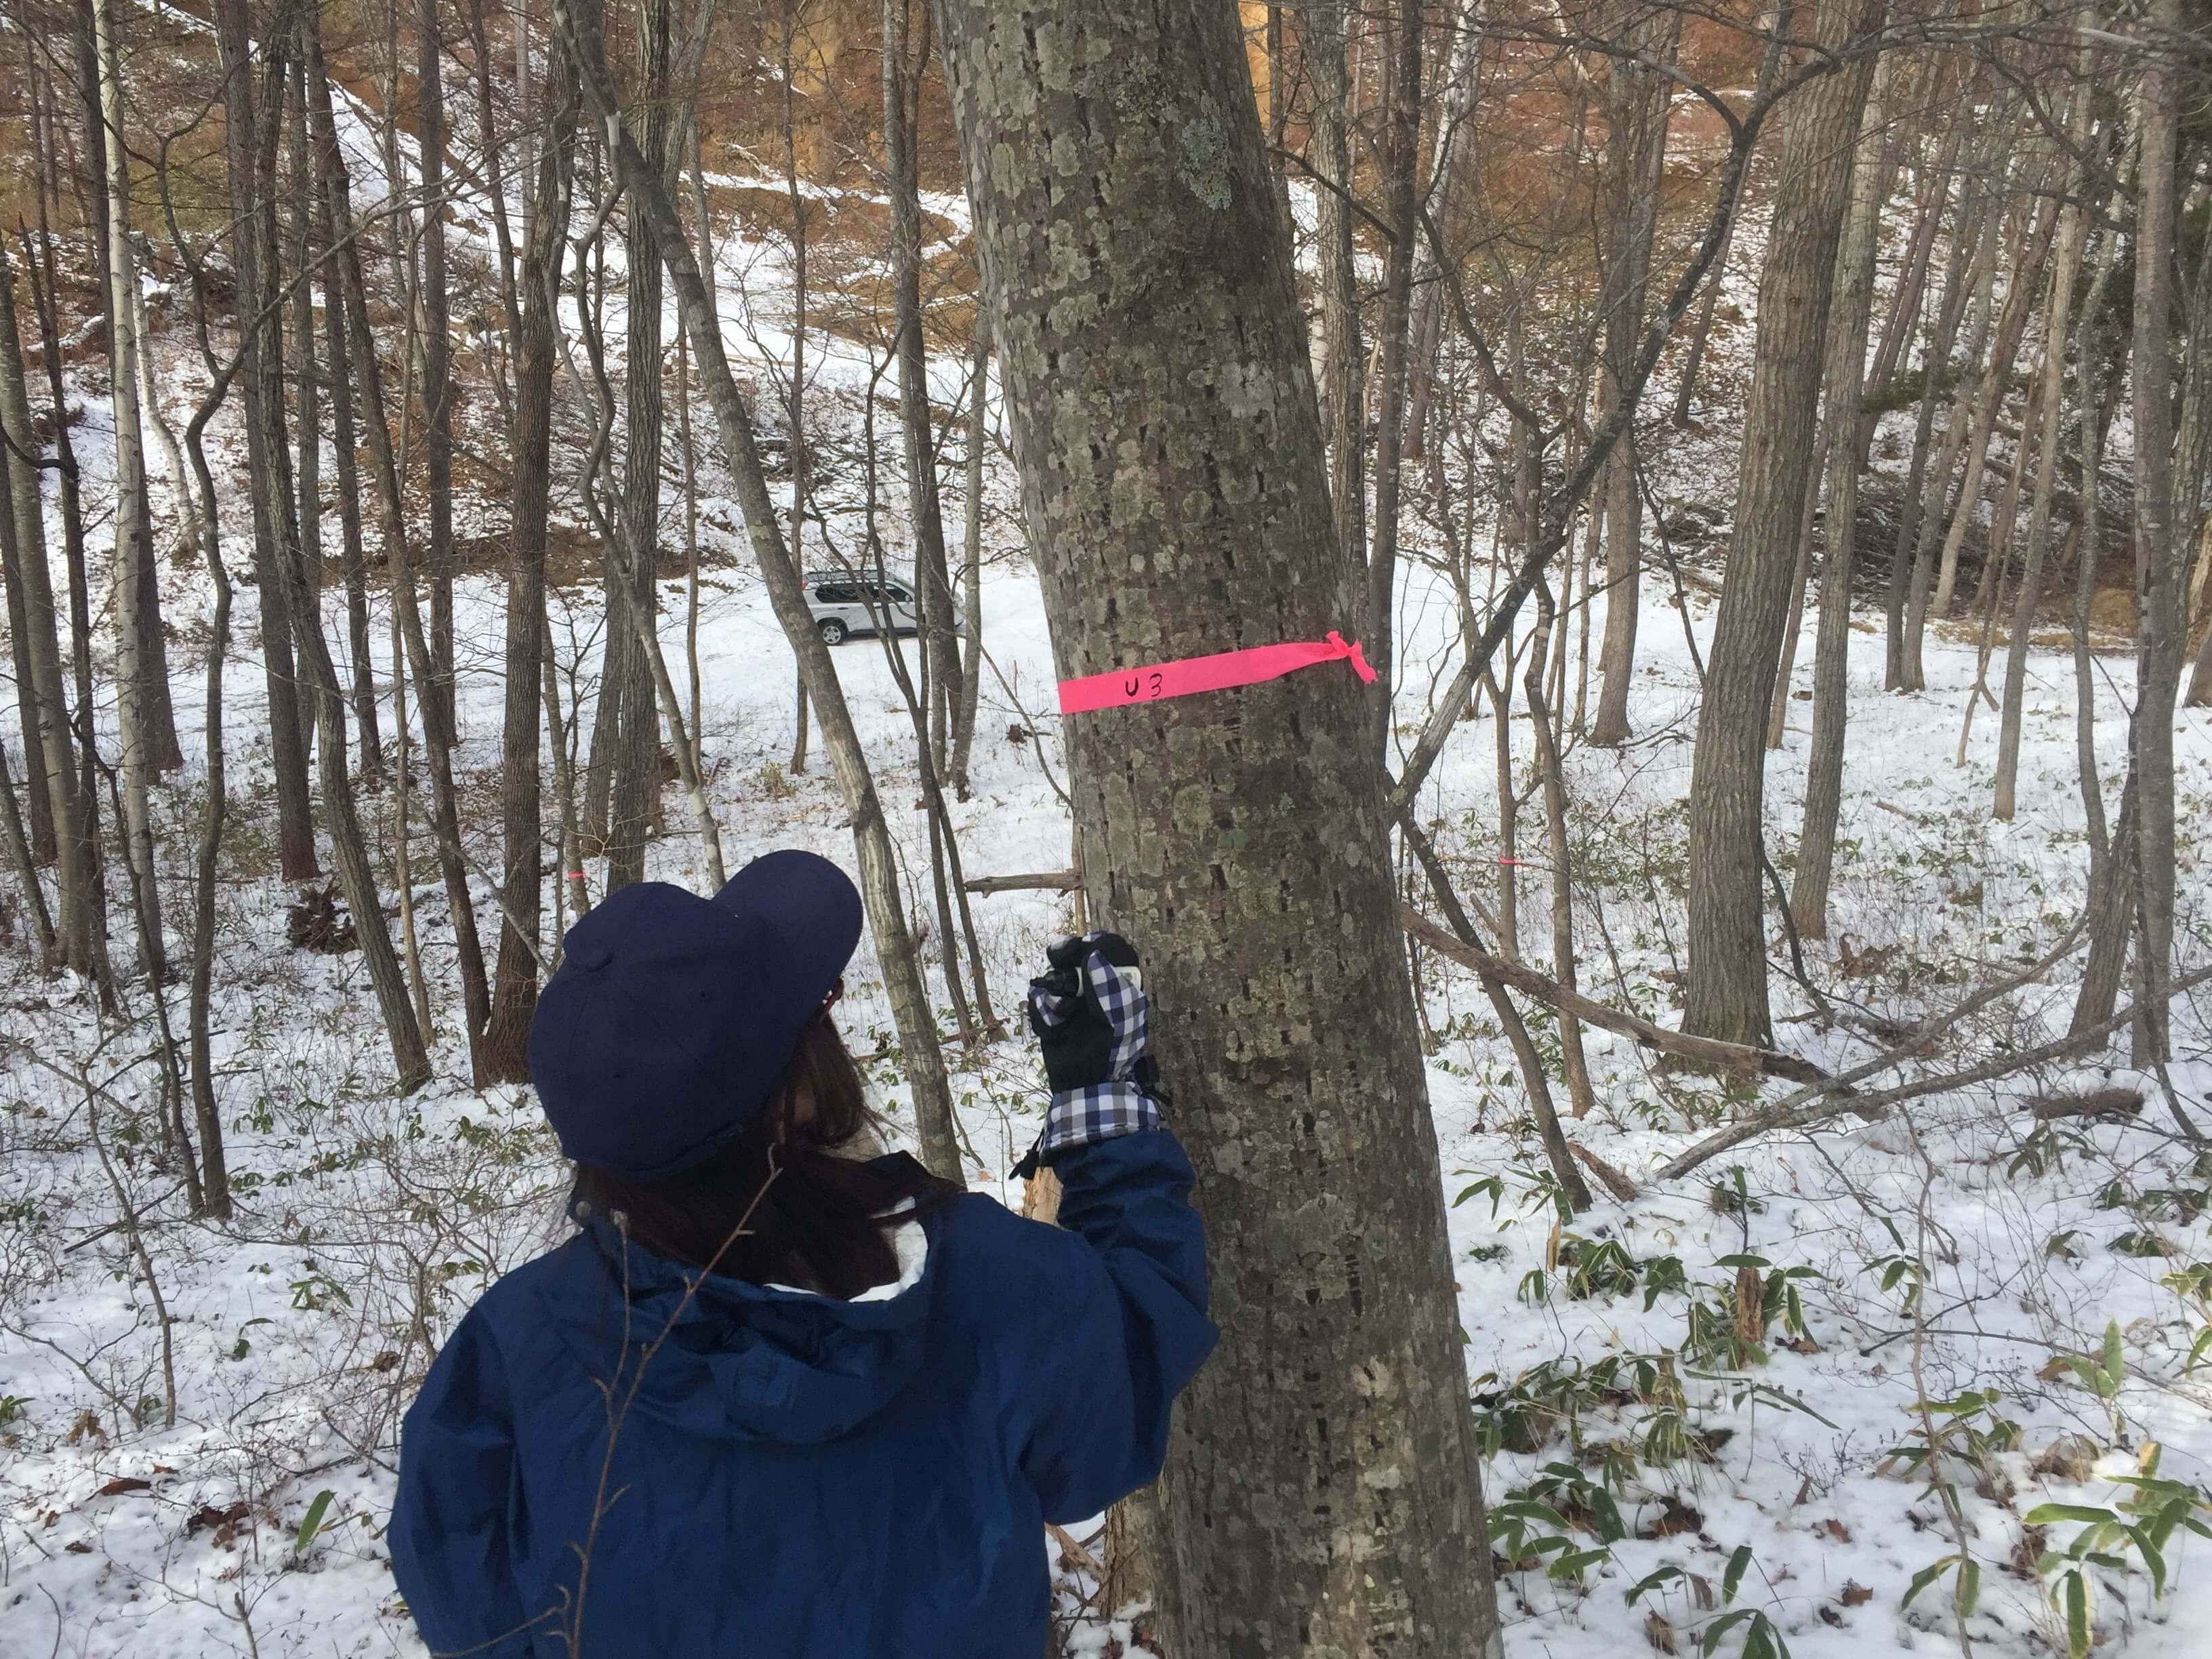 自家製メープルシロップも!?樹液採取の方法を教えるよ。   FOREST PEOPLE